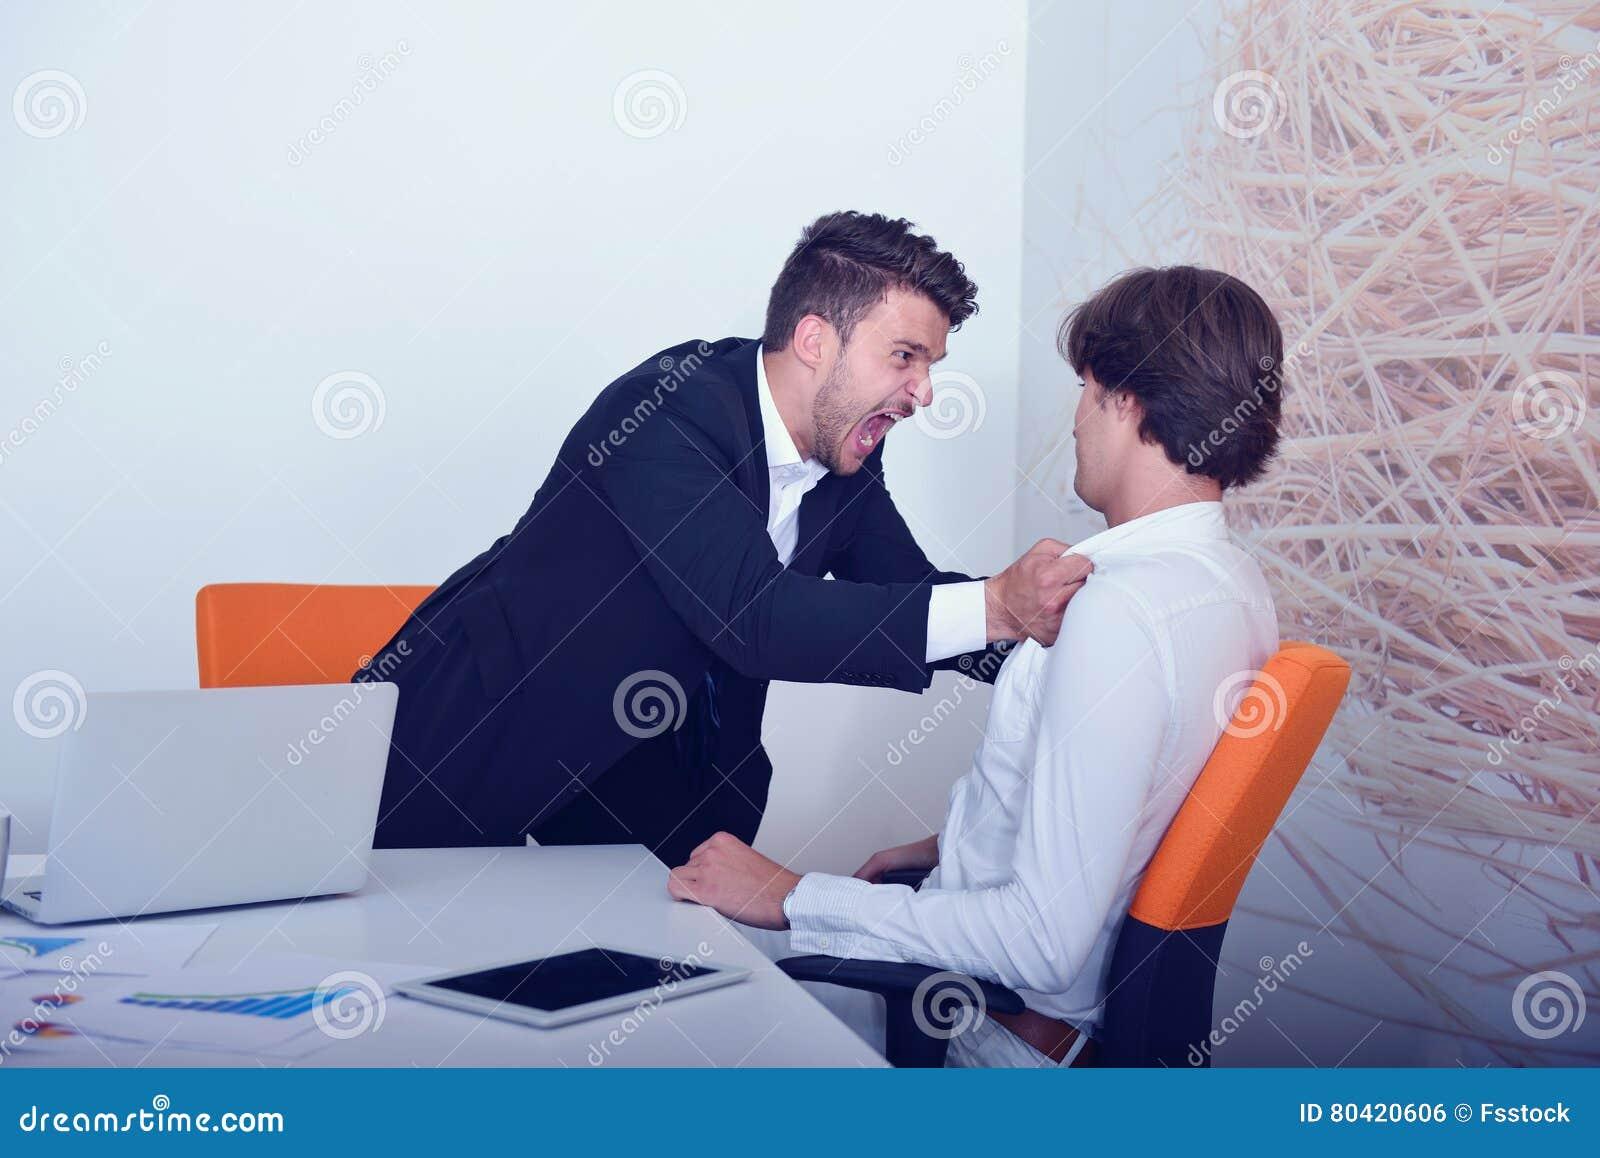 Zwei verärgerte Geschäftskollegen während eines Arguments